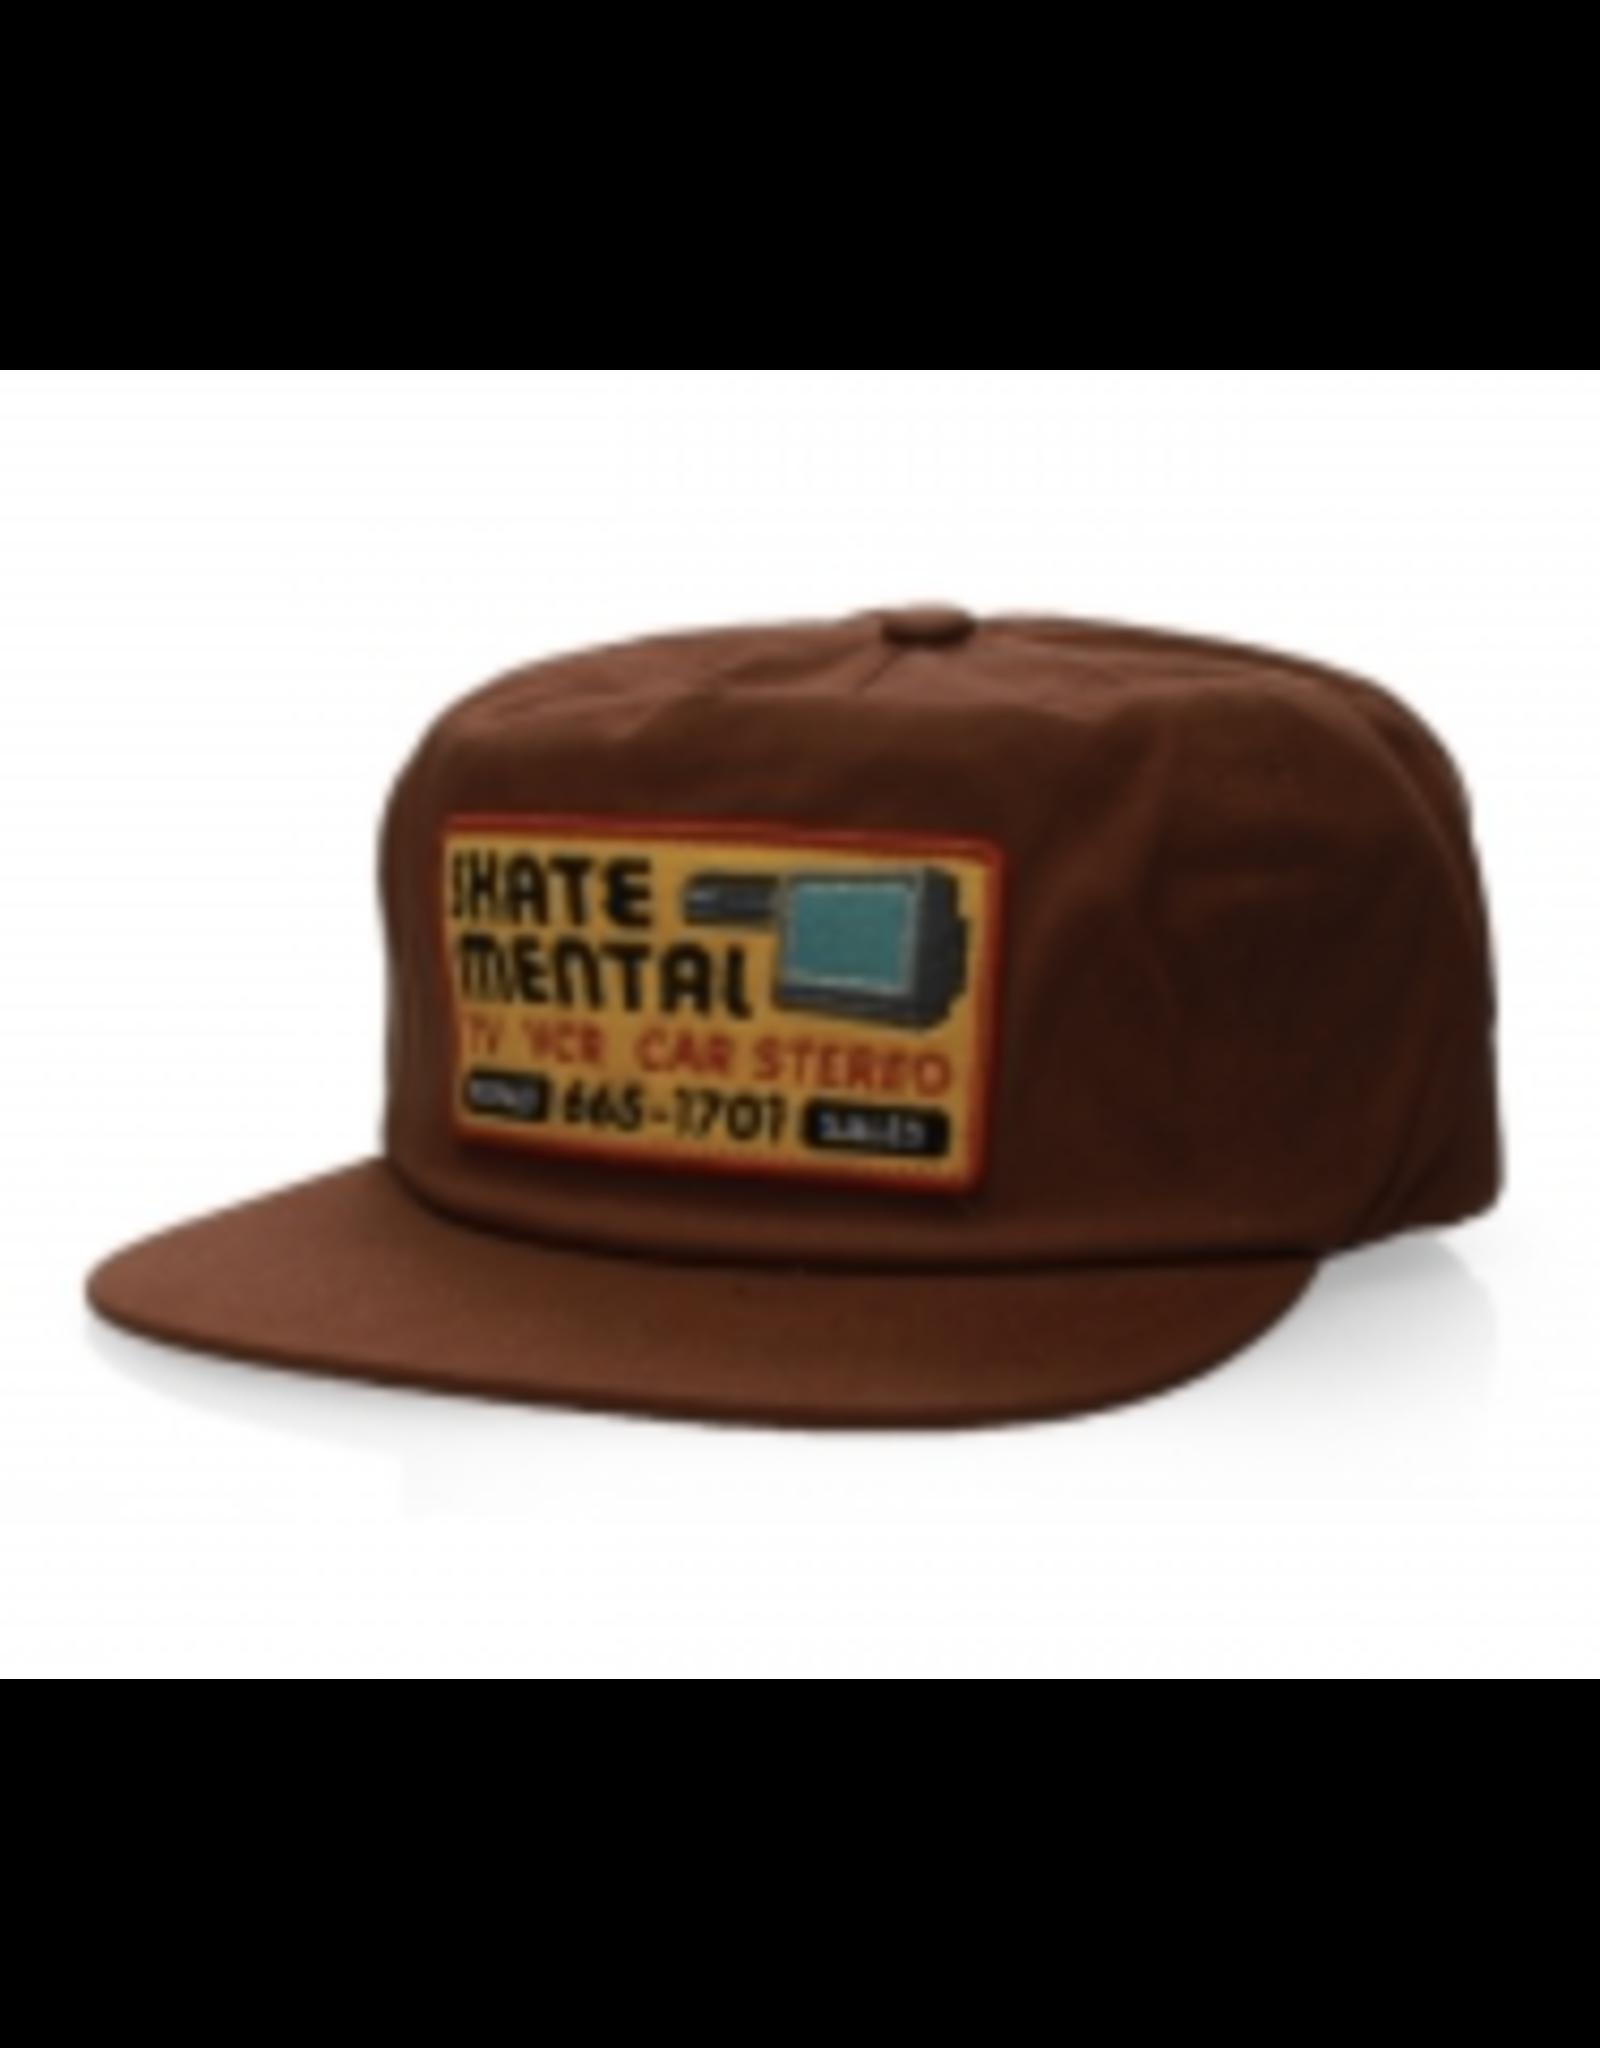 Skate Mental Electronics Repair Snapback - Brown